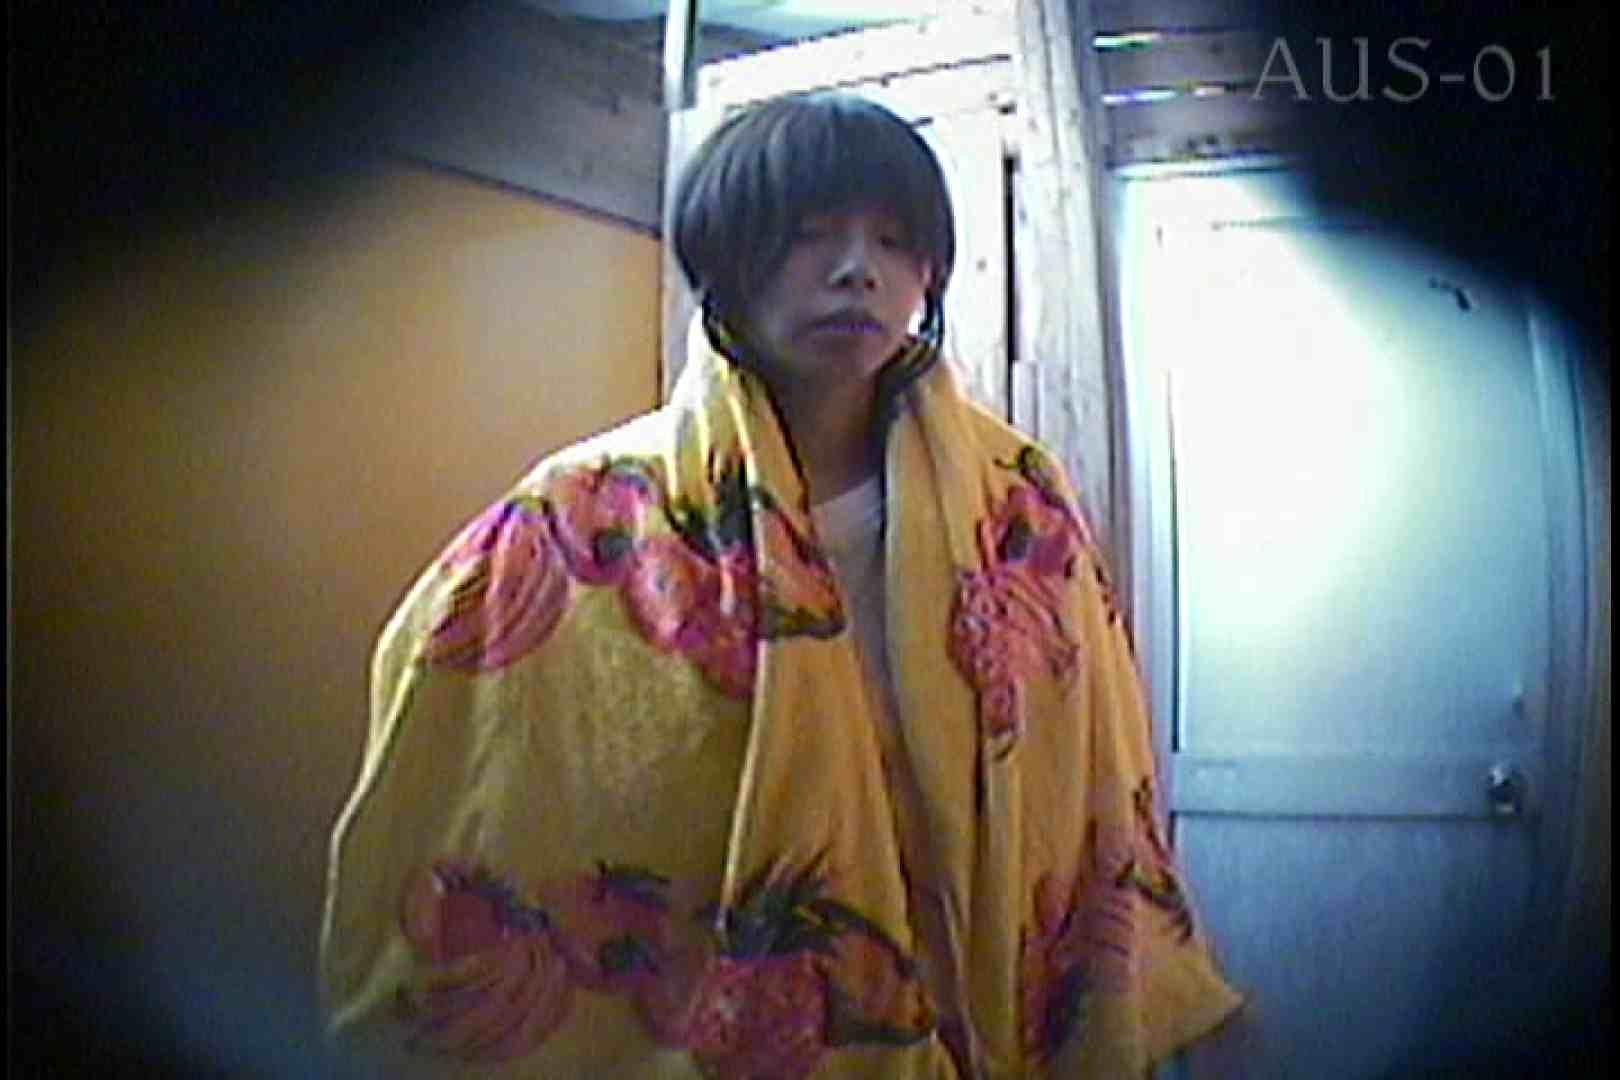 海の家の更衣室 Vol.01 Hな美女 戯れ無修正画像 88pic 5